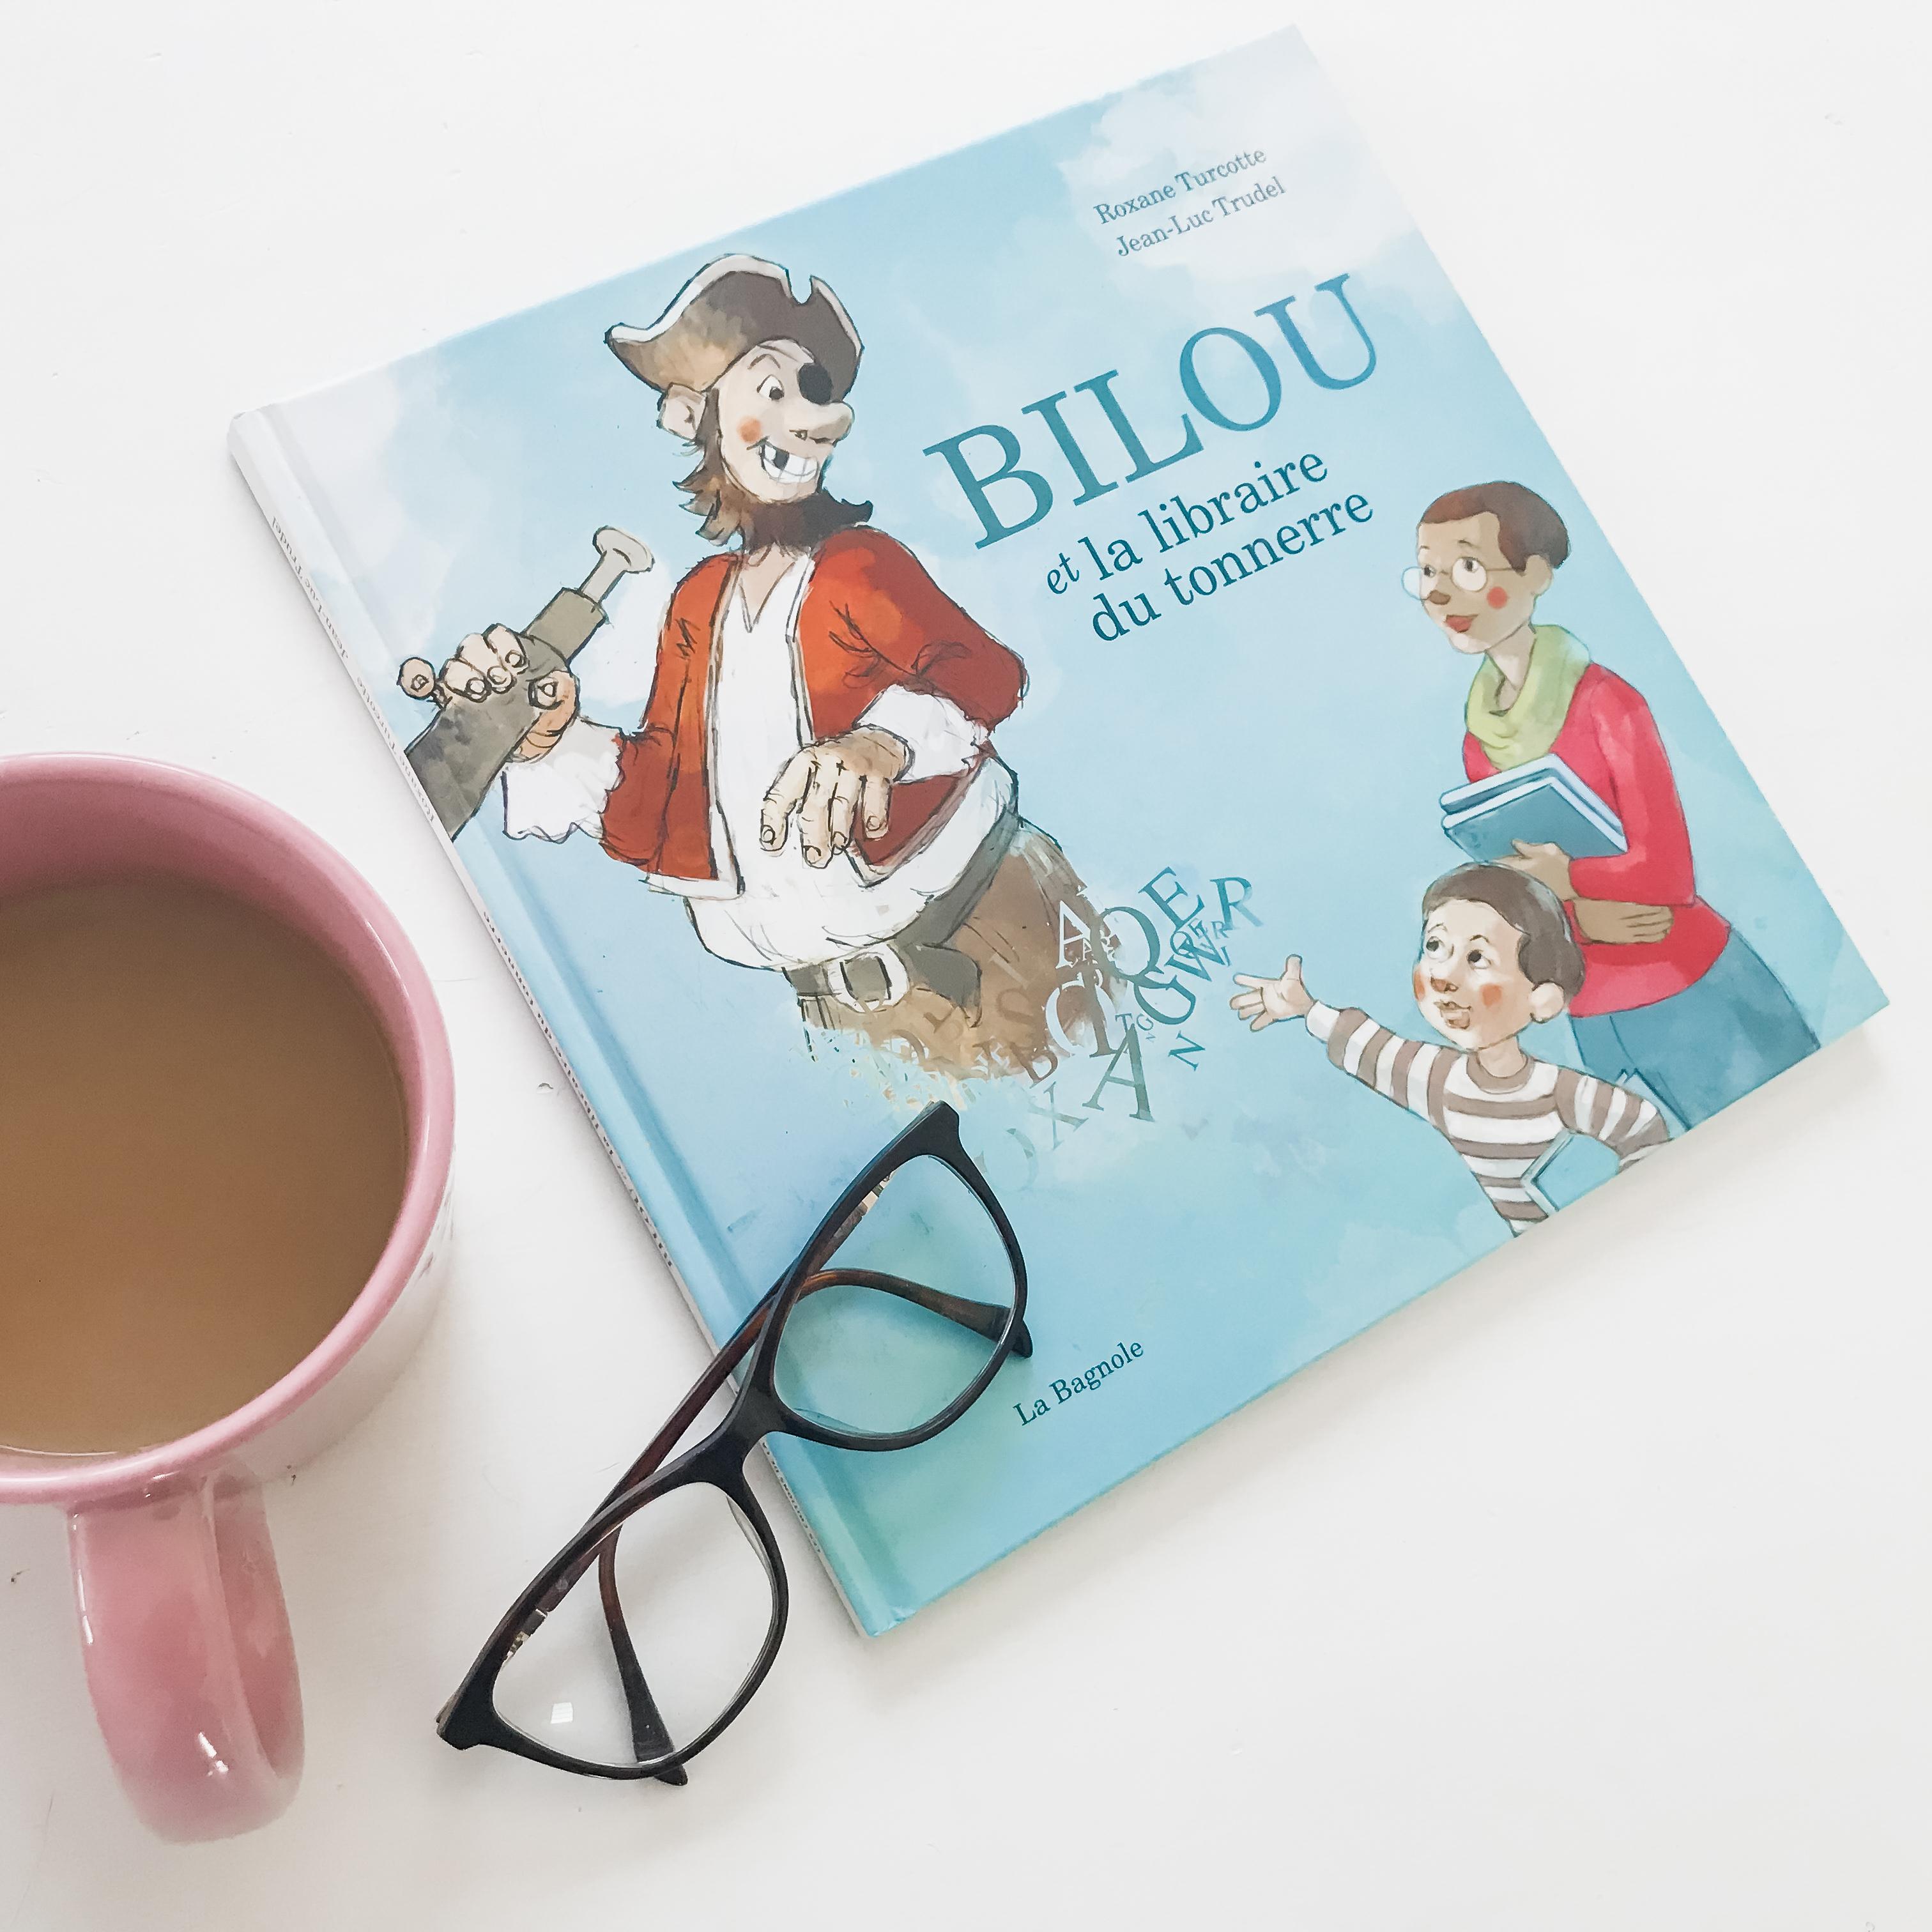 BILOU ET LA LIBRAIRE DU TONNERRE (Éditions de la Bagnole)